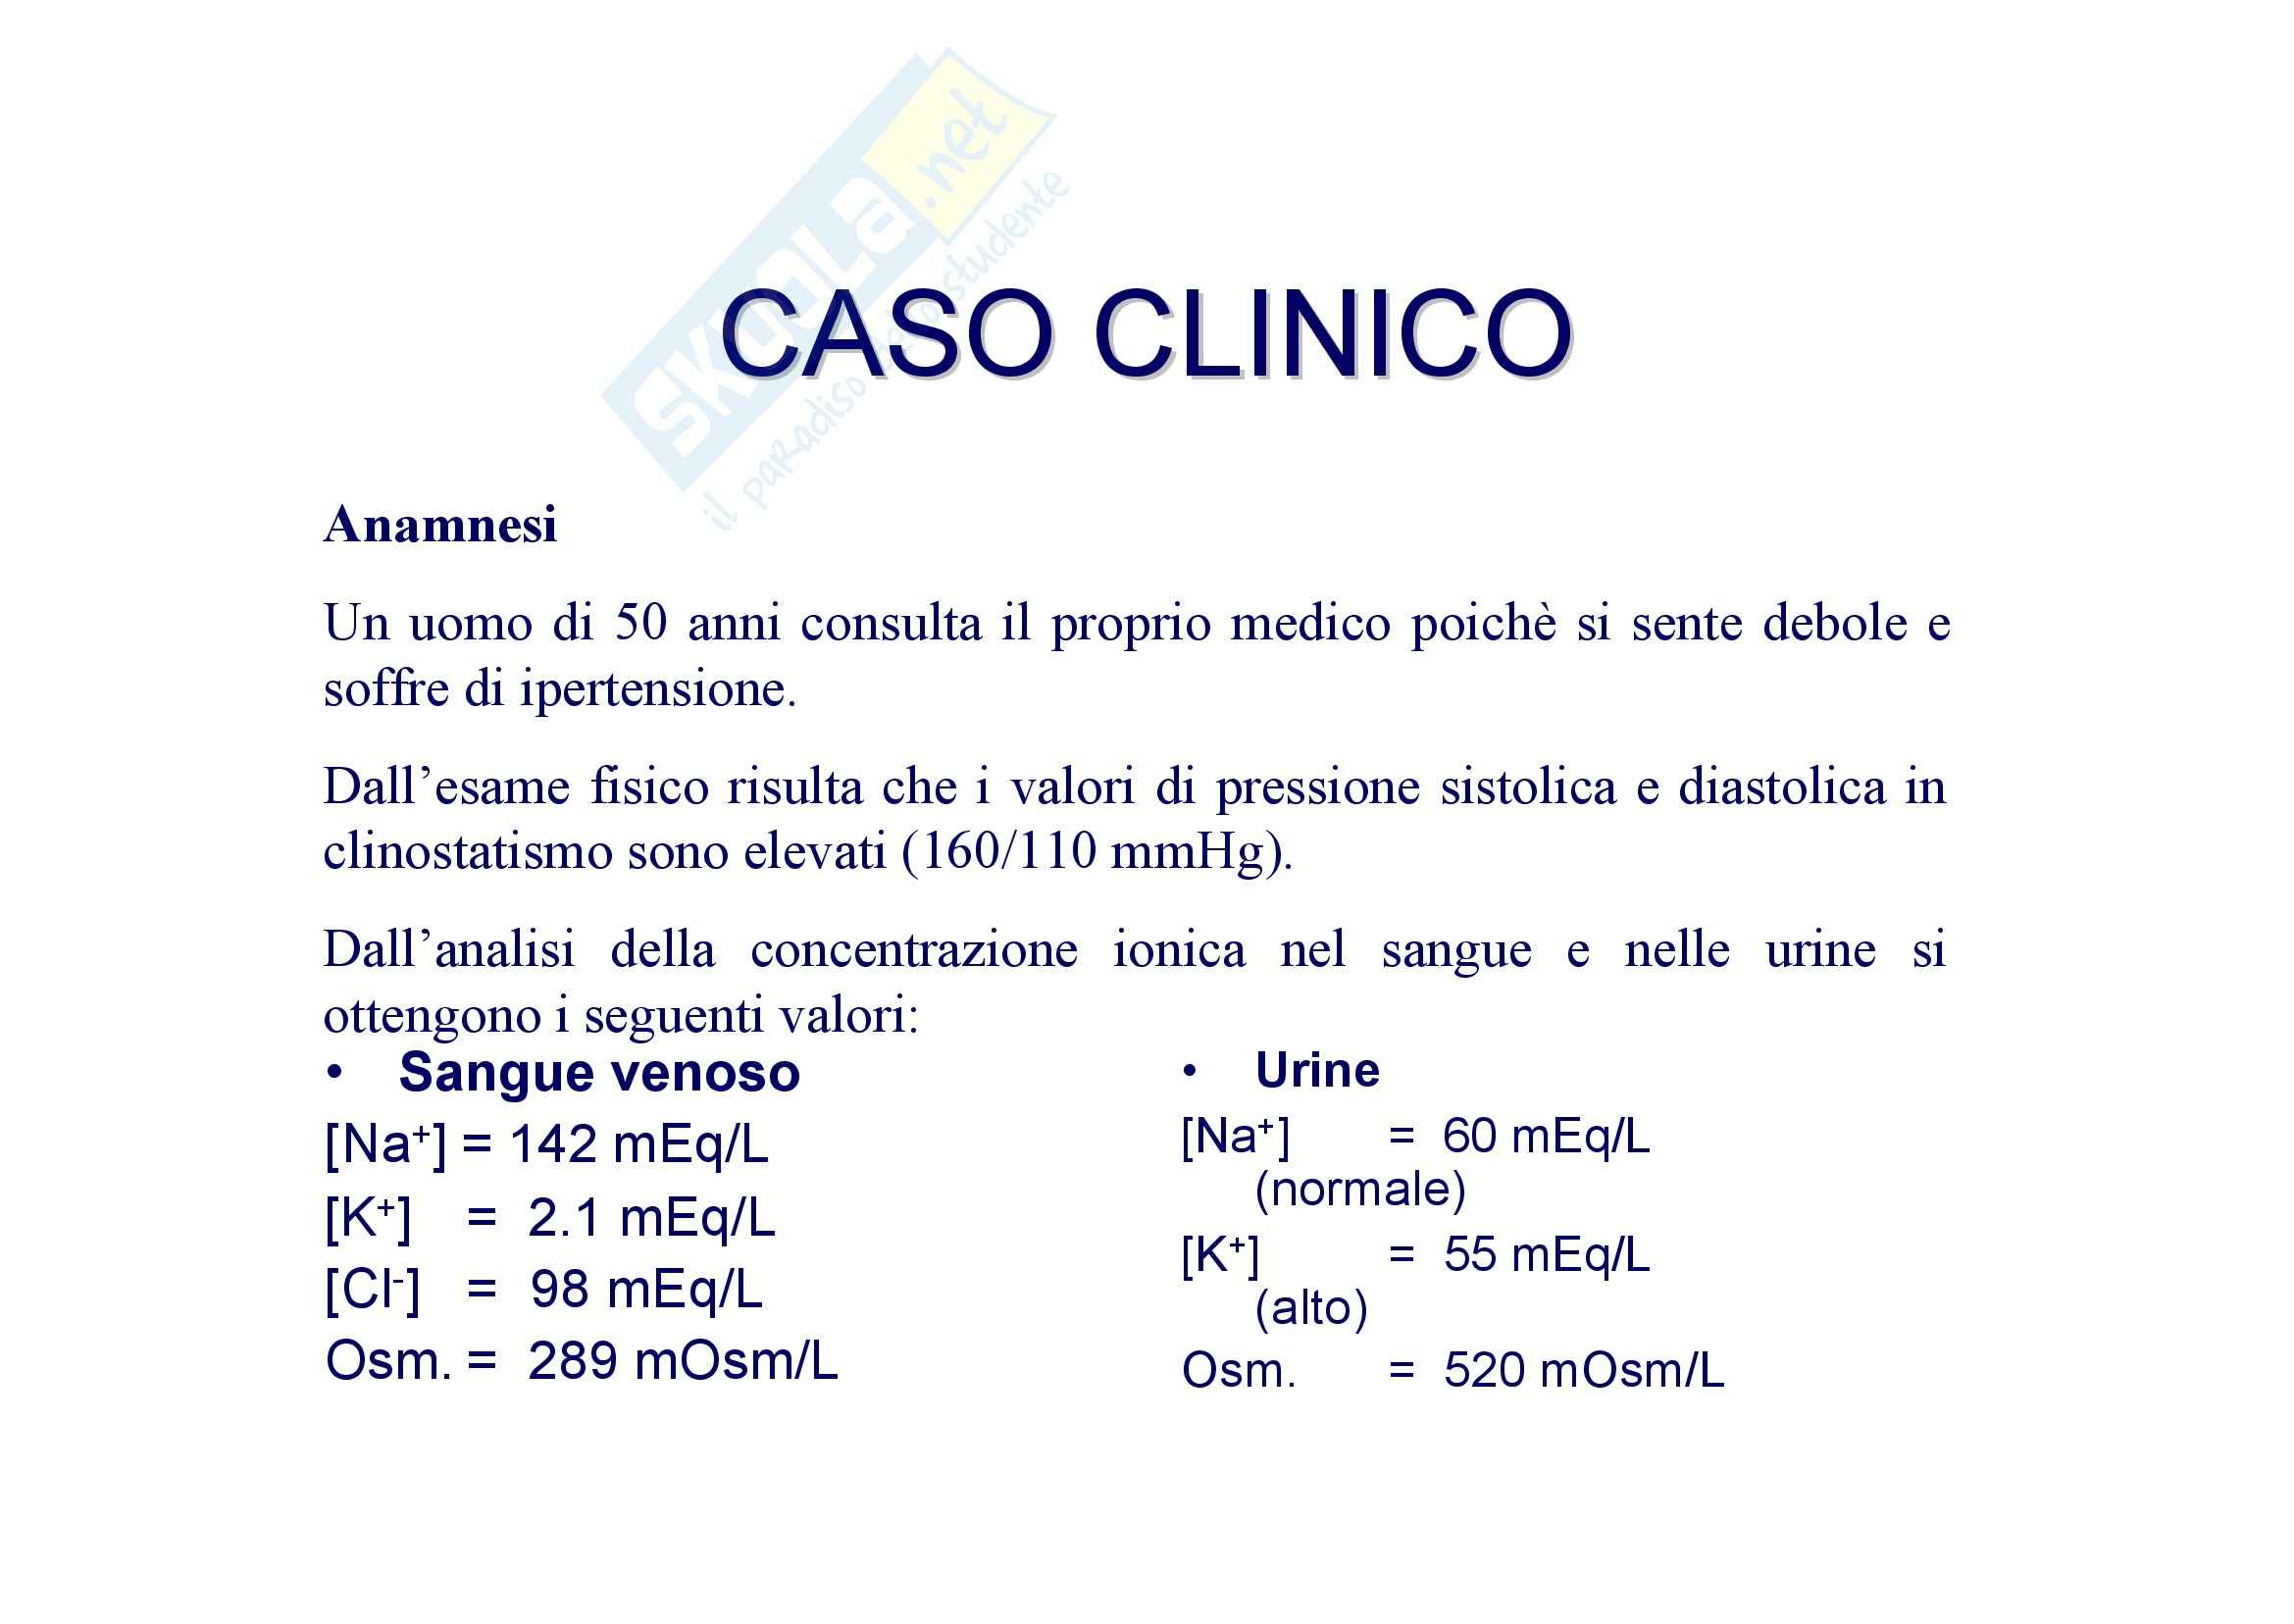 Fisiologia umana I - caso clinico 2 Pag. 2